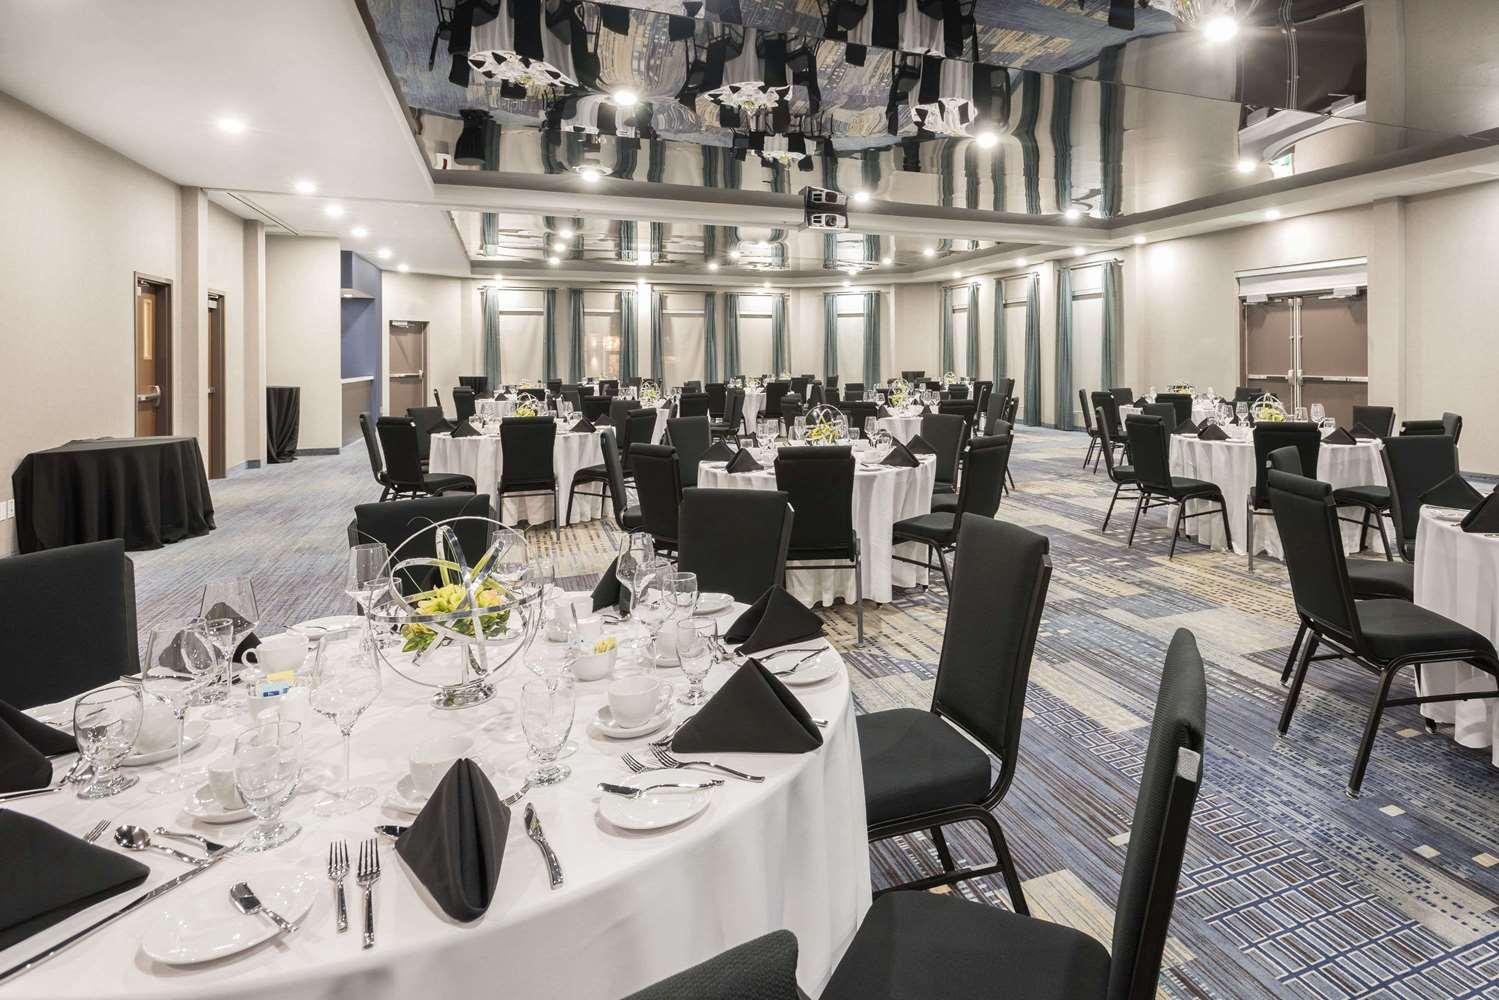 Ballroom - Wingate by Wyndham Hotel Dieppe